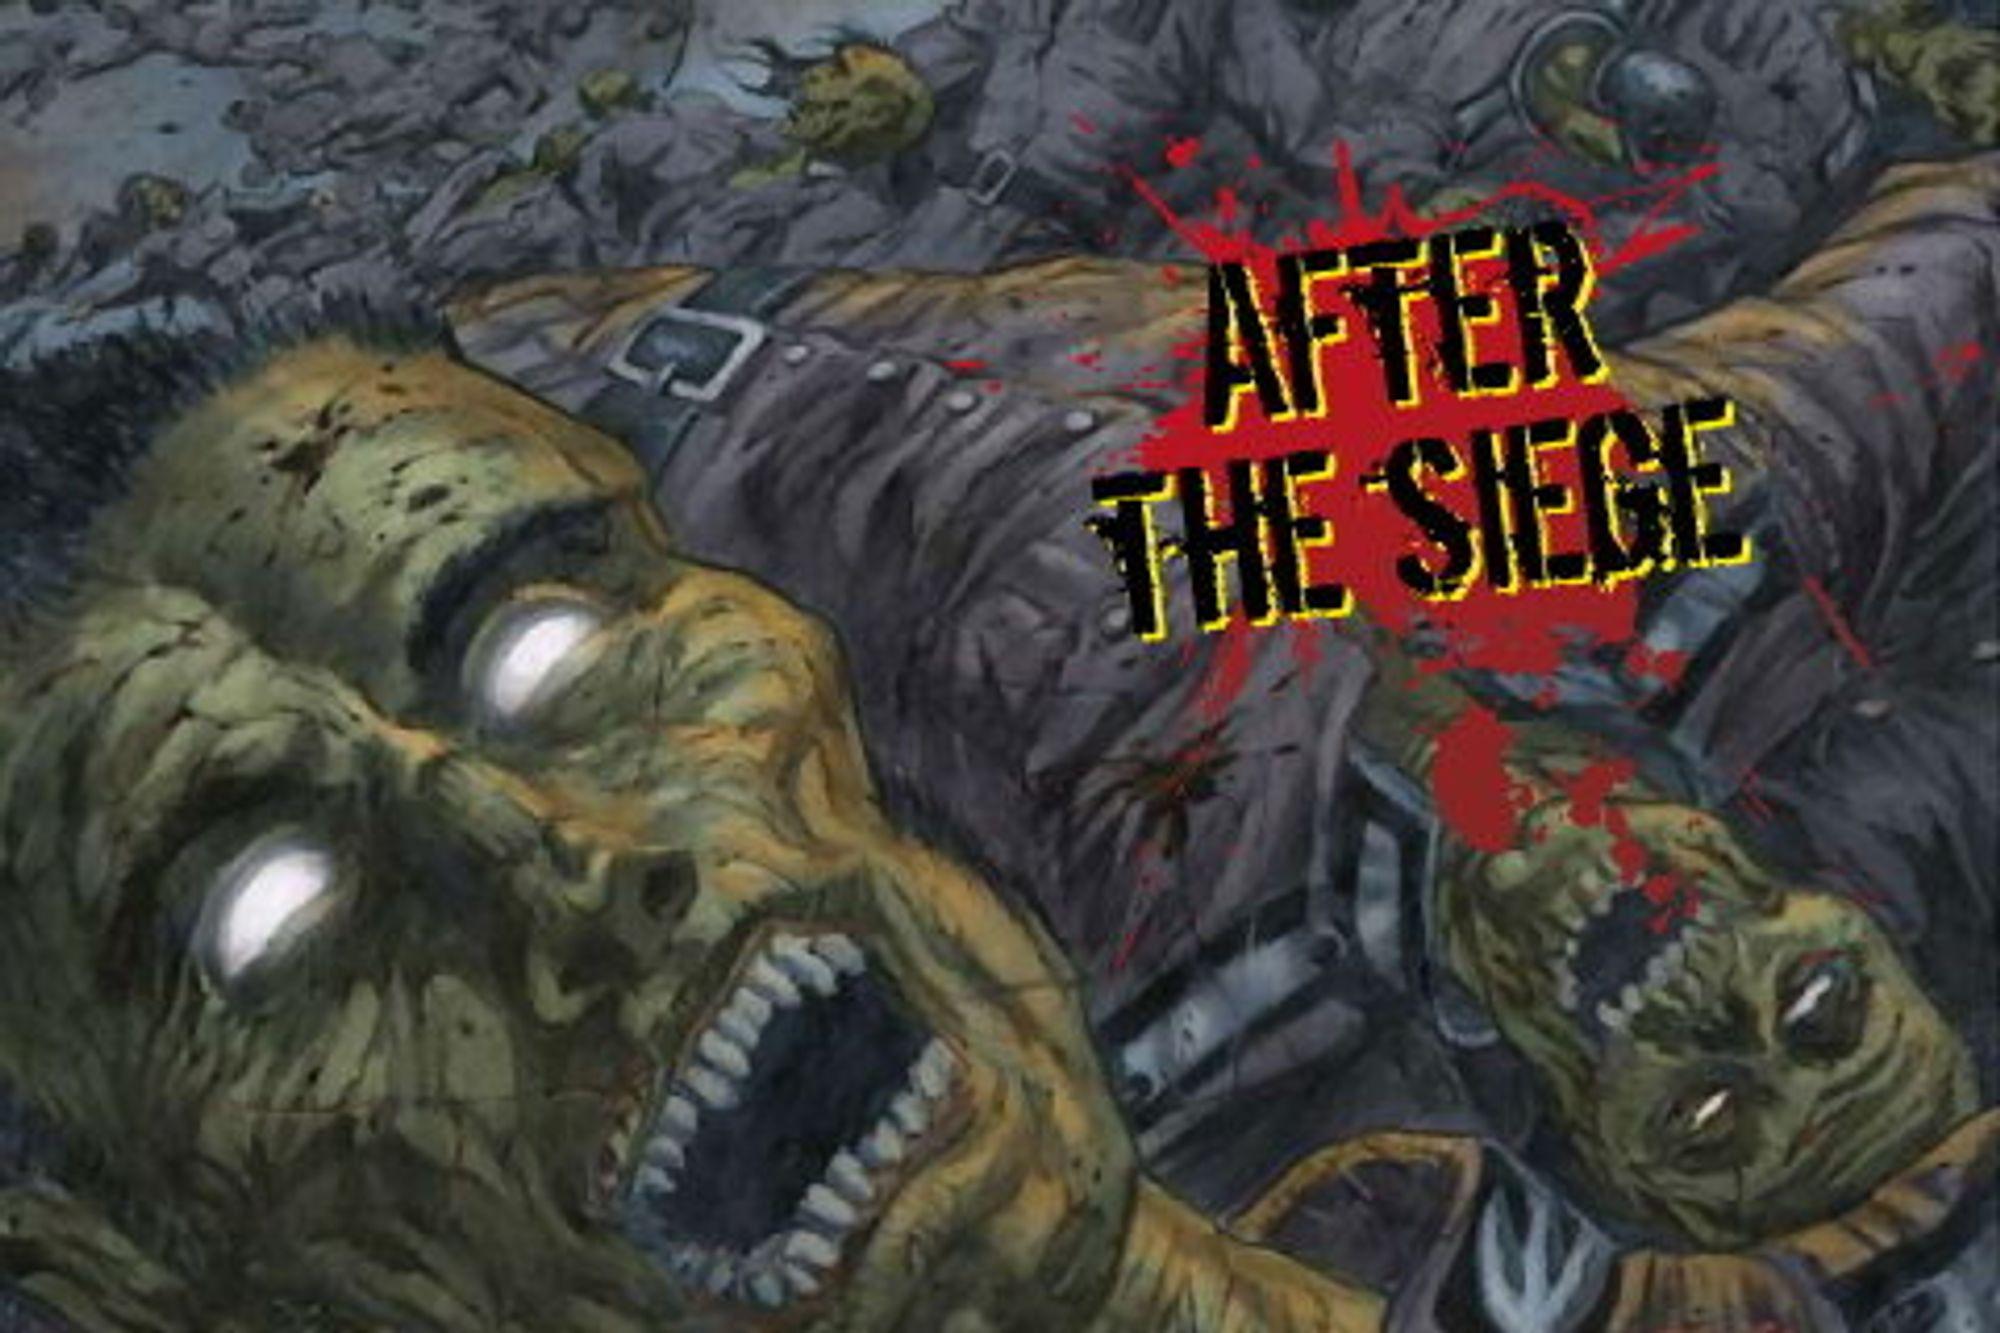 Cory Doctorows novelle «After the siege» ble lisensiert til tegneserieforlaget IDW, og tegneserien ble lansert i en egen mobilutgave for iPhone og Android mobiler.